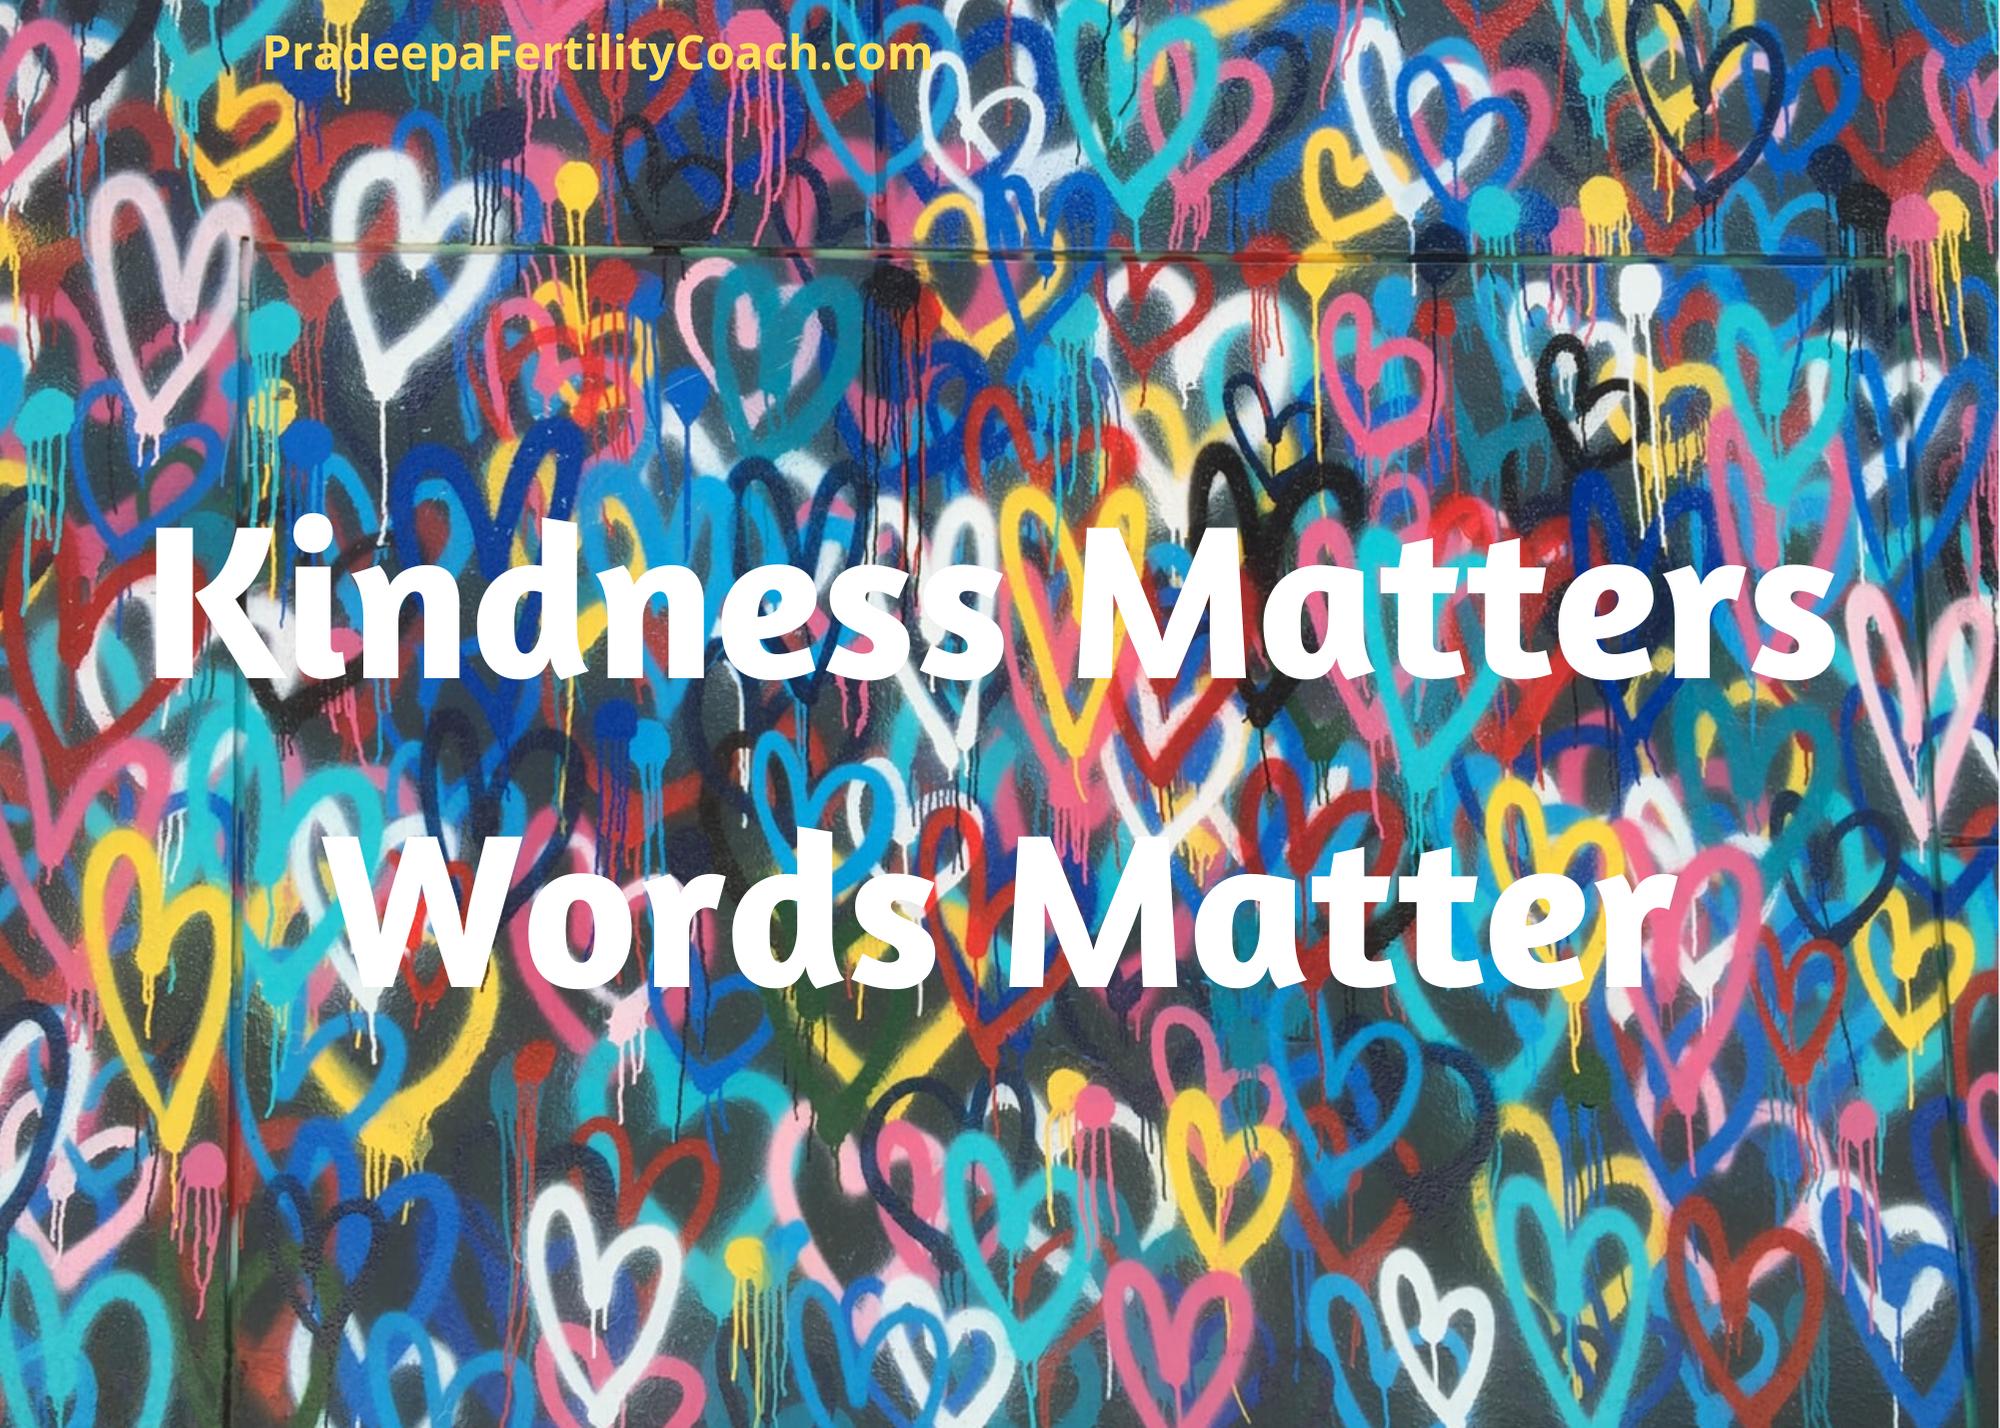 Kindness Matters Words Matter